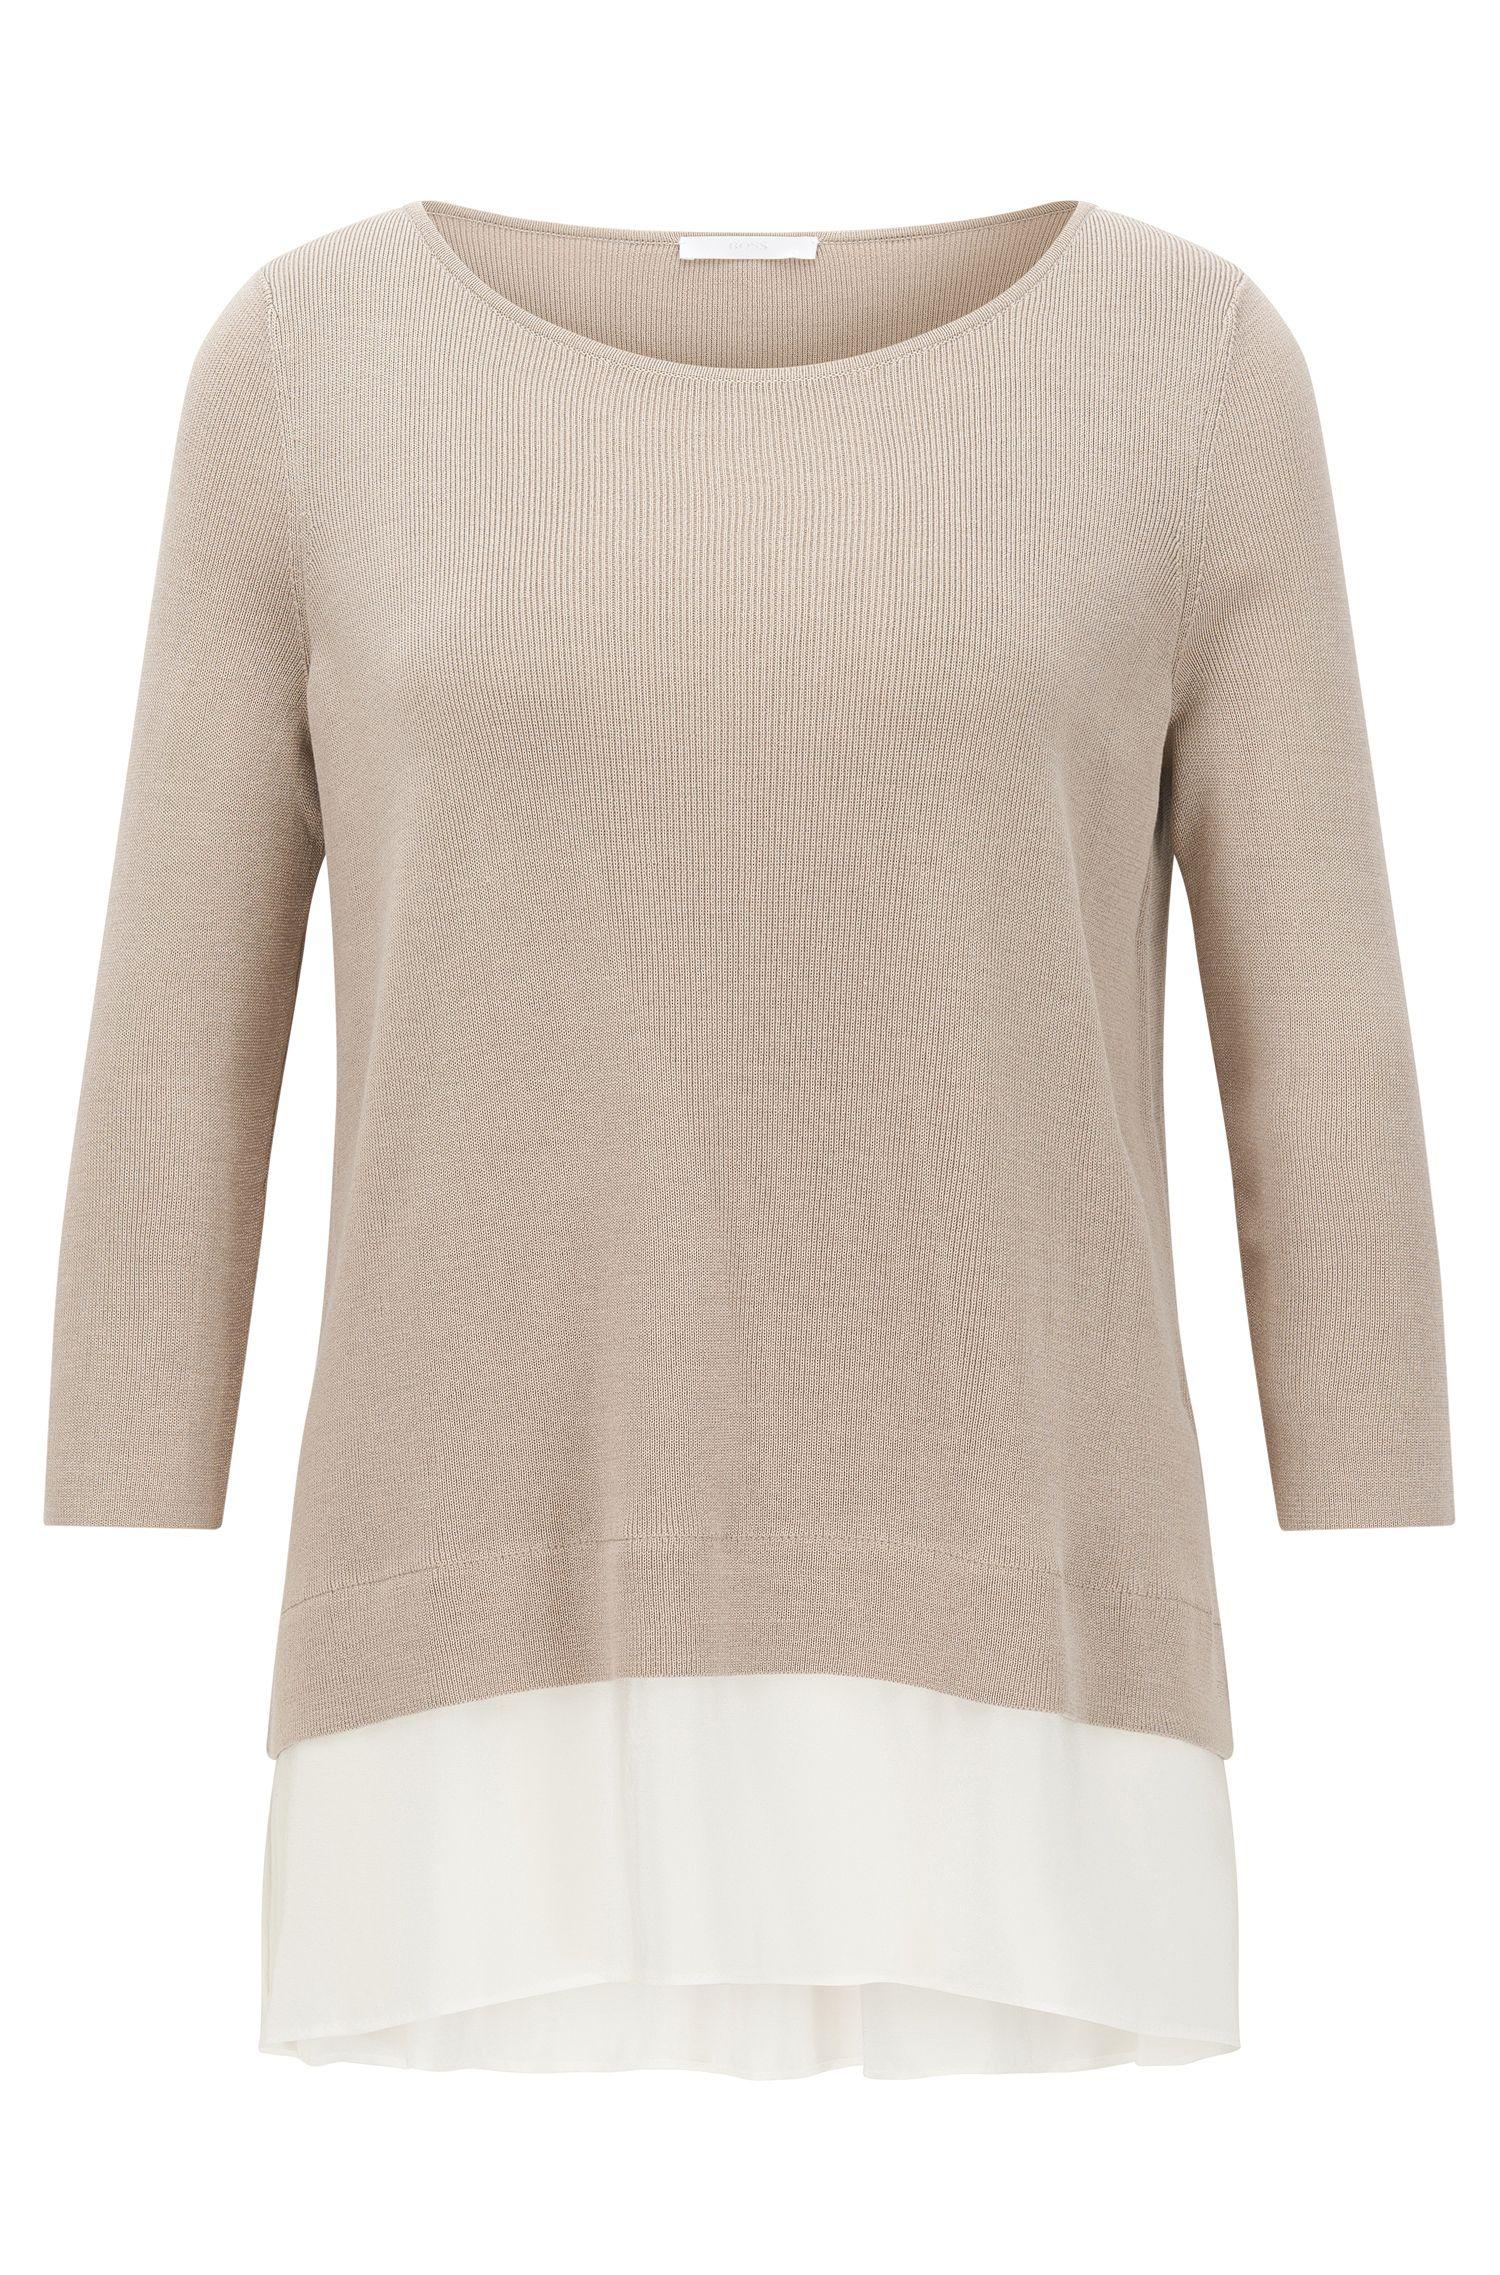 Silk Trim Stretch Cotton Blend Top | Filia